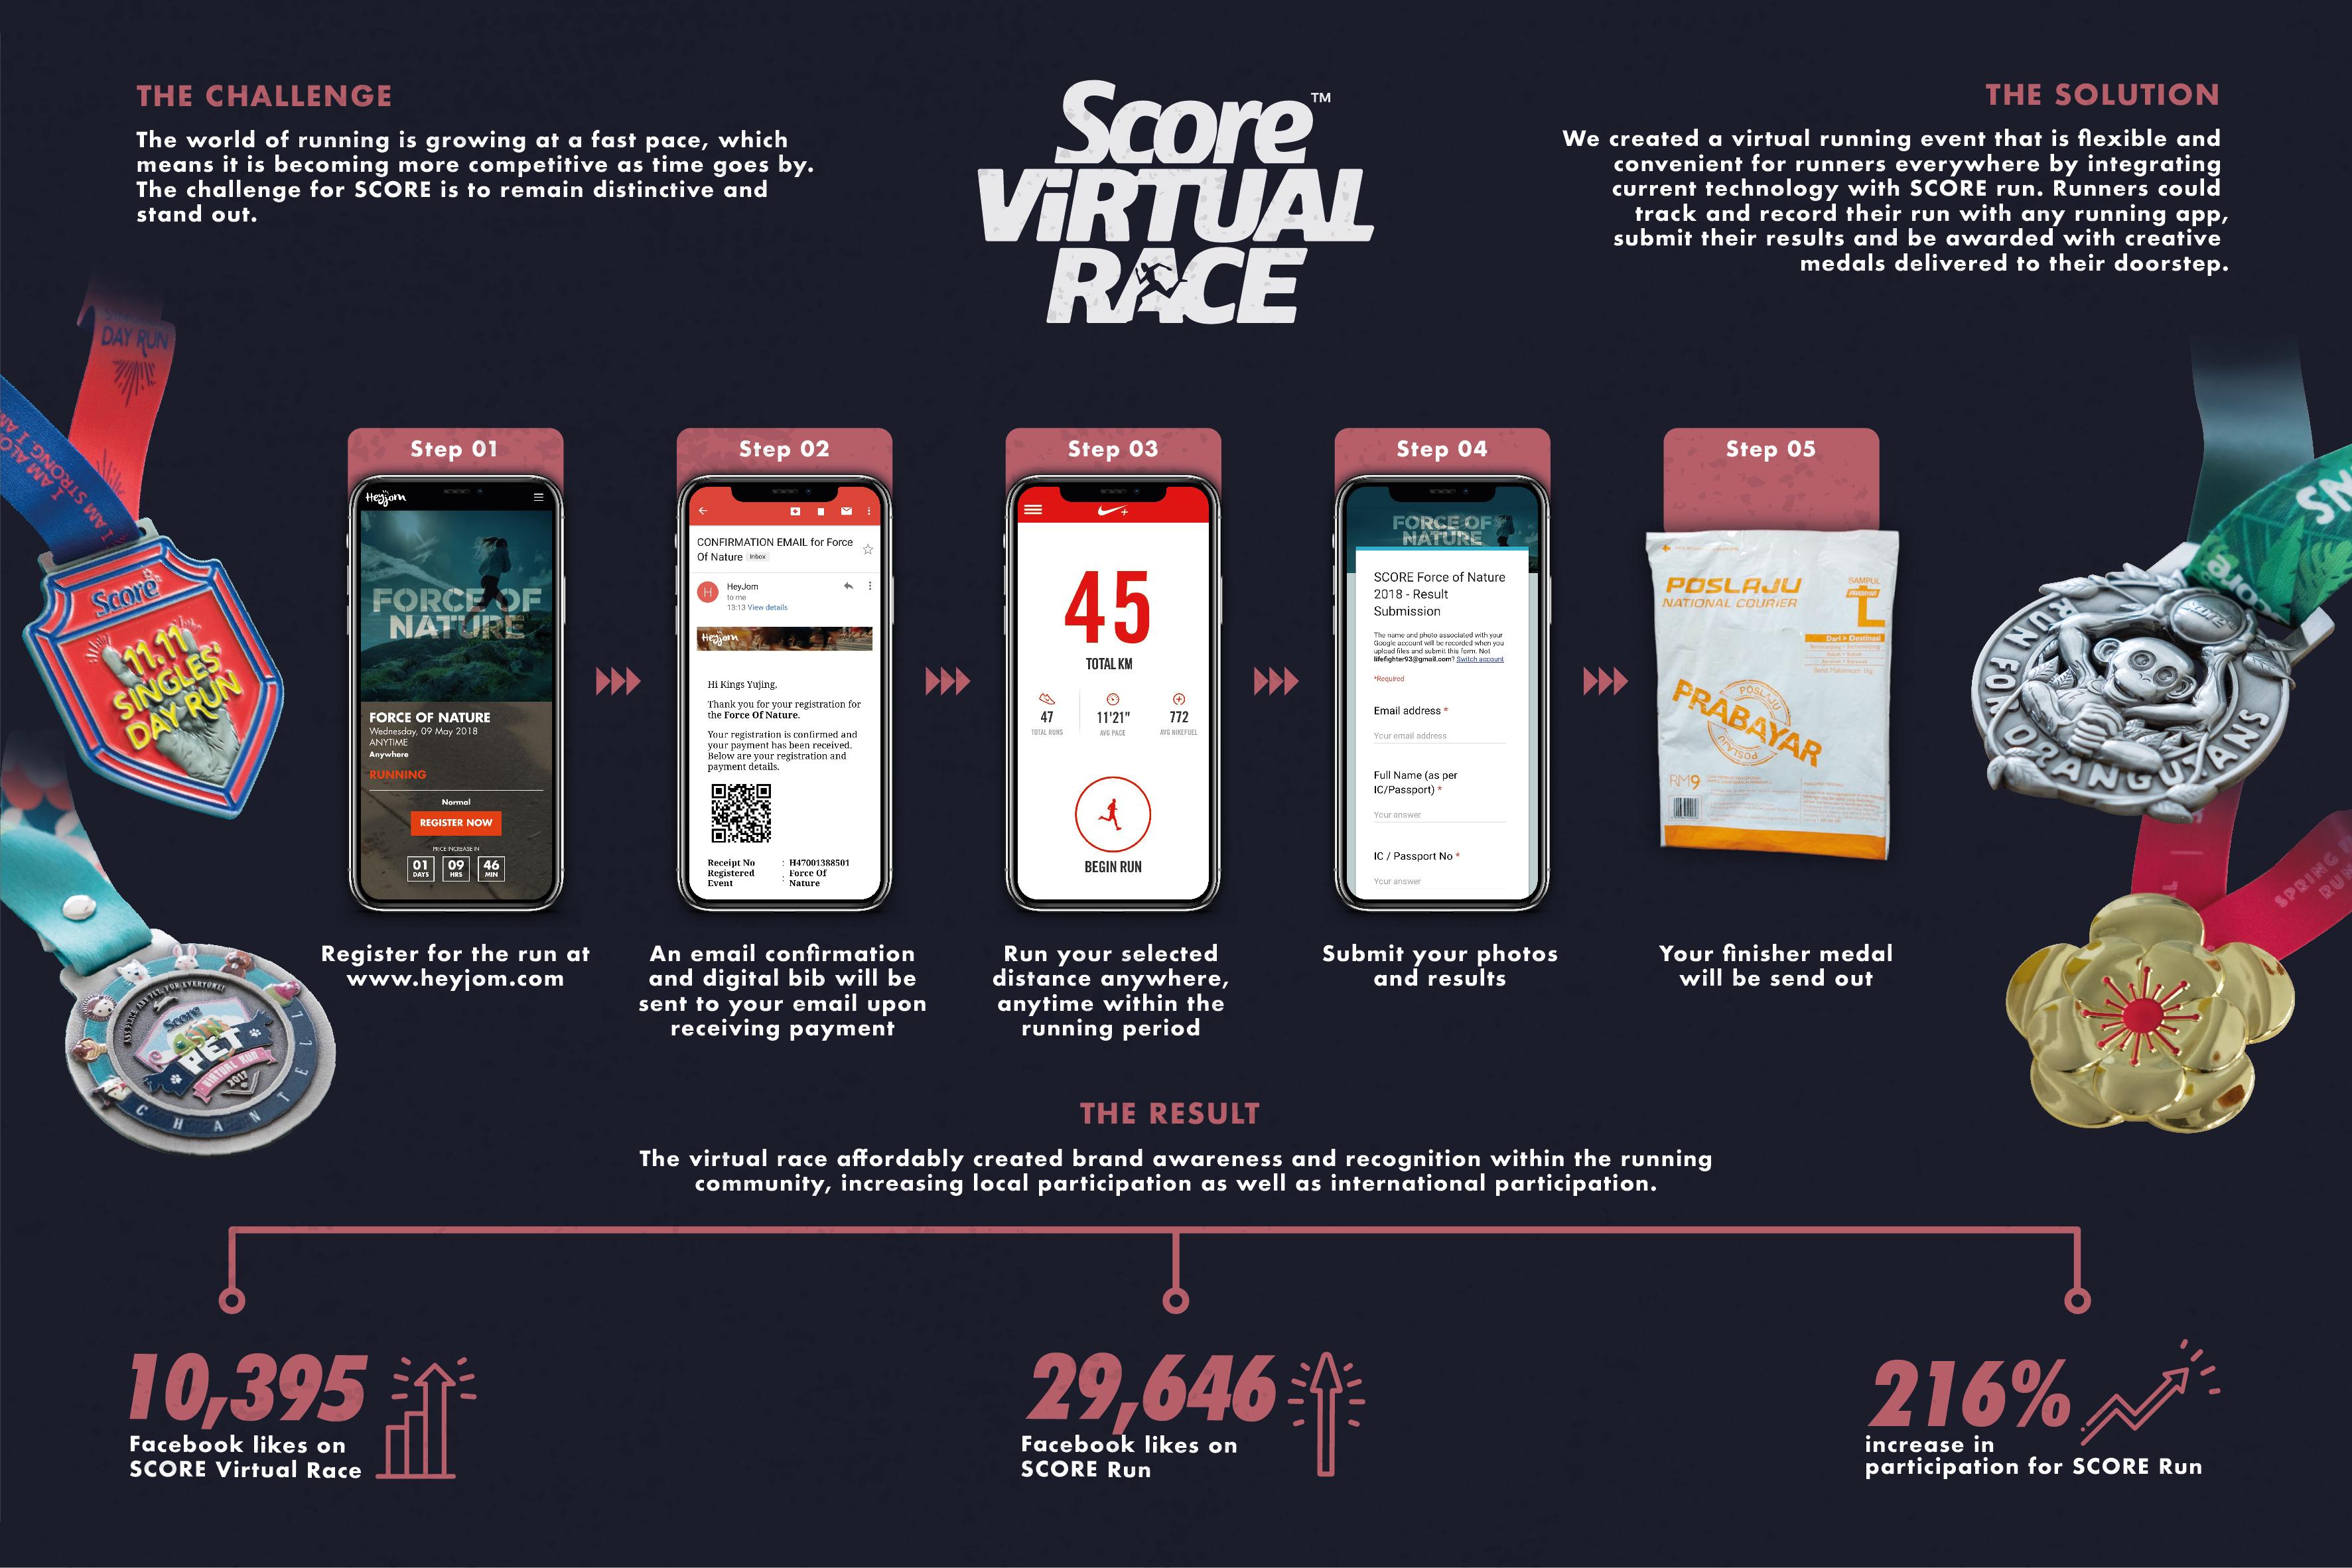 SCORE Virtual Race